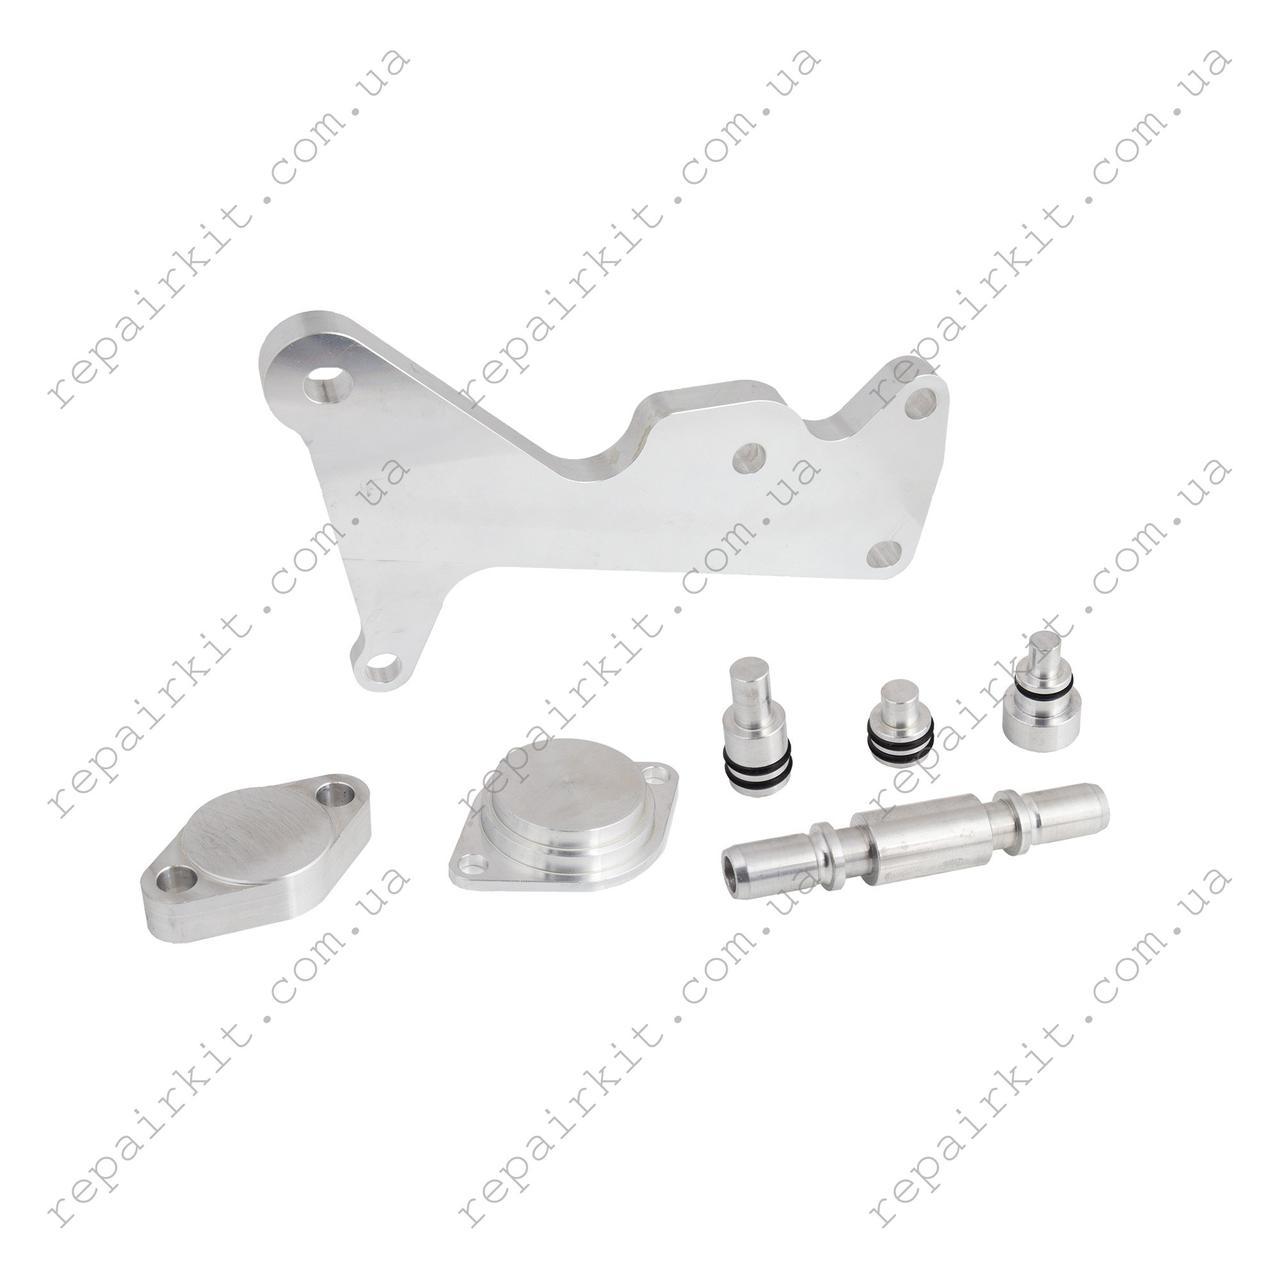 Комплект для удаления ЕГР, теплообменника и вихревых заслонок BMW N57 дорестайлинг